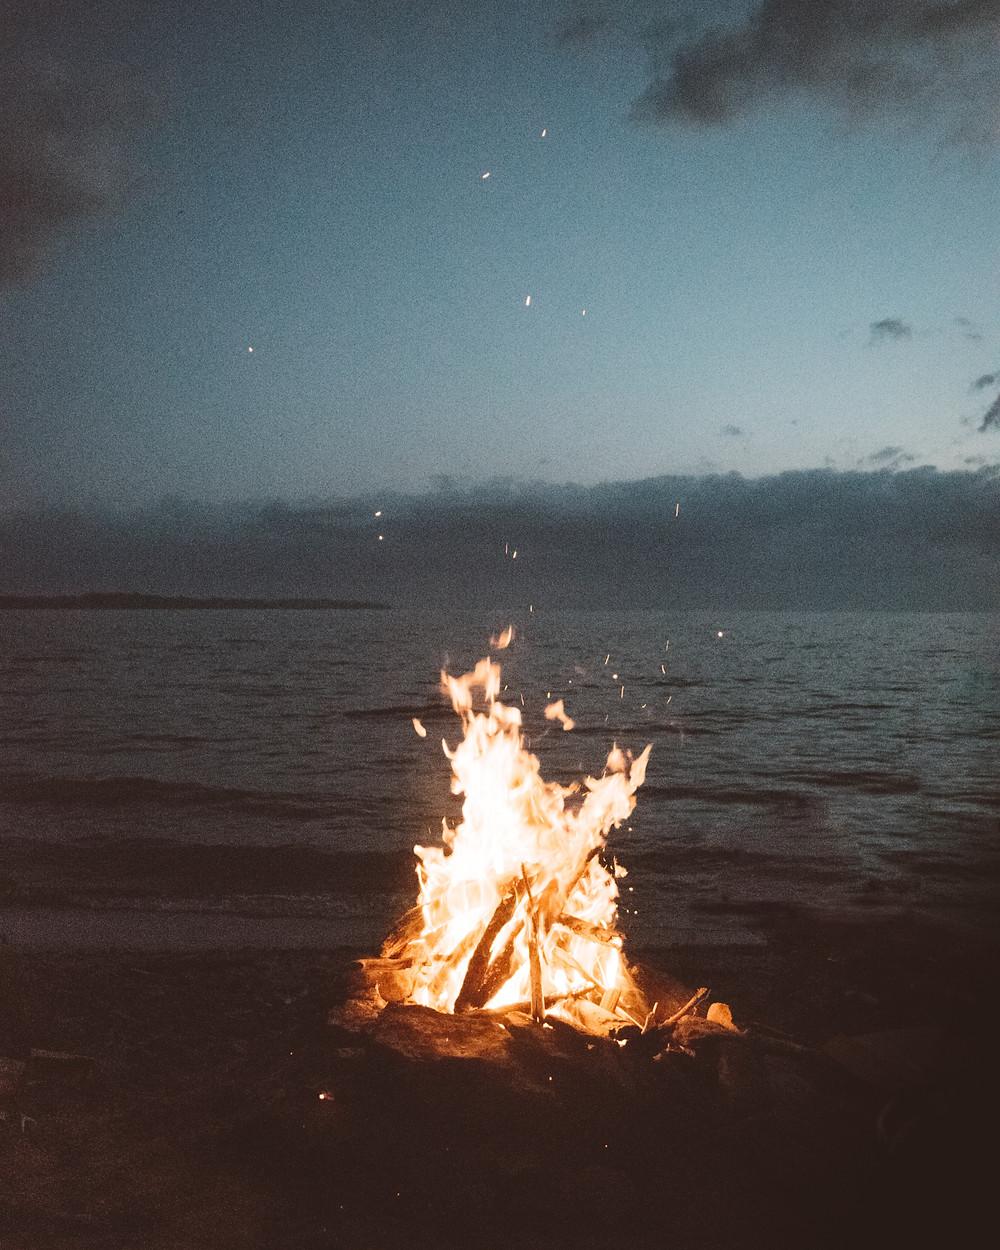 Aiguiser notre discernement à la manière d'un feu qui nous réchauffe ou nous brûle participe à développer notre auto-compassion.